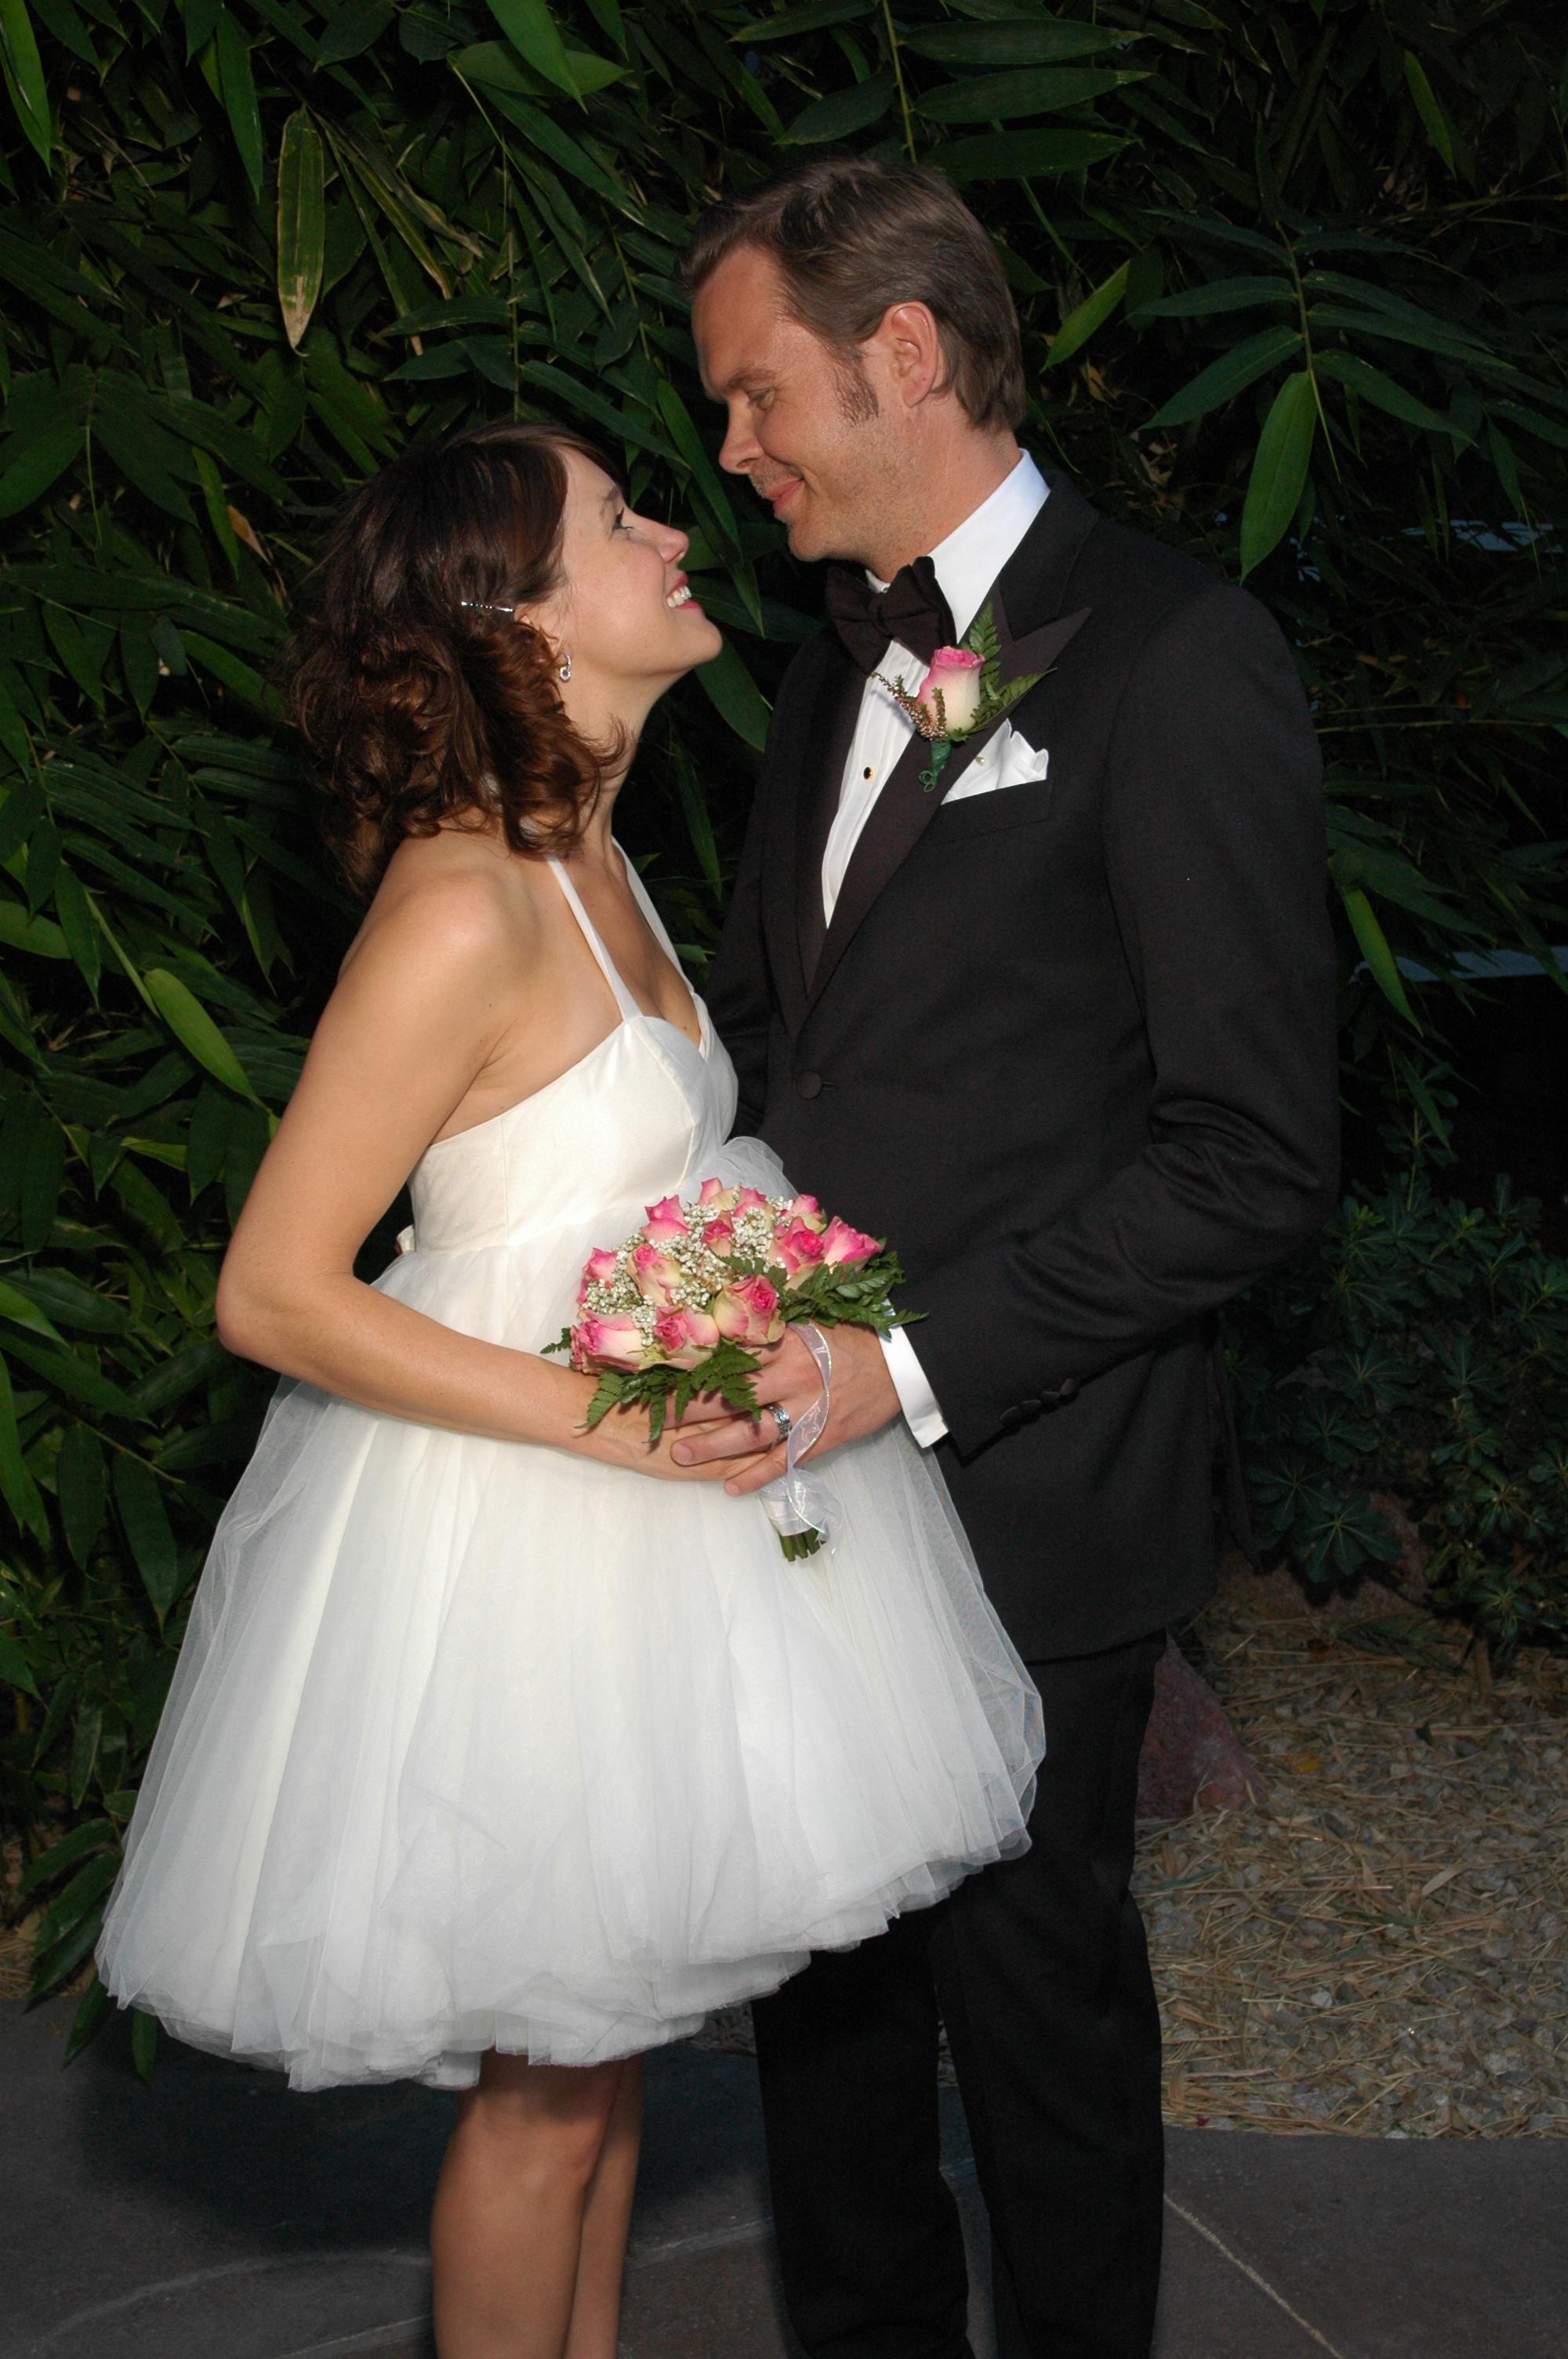 12385fa81594 Ett nytt avsnitt av Blankens Swanberg hittar ligger och lockar och pockar  och väntar på att bli lyssnat på. Vi pratar om bröllop och att gifta sig  (och ...